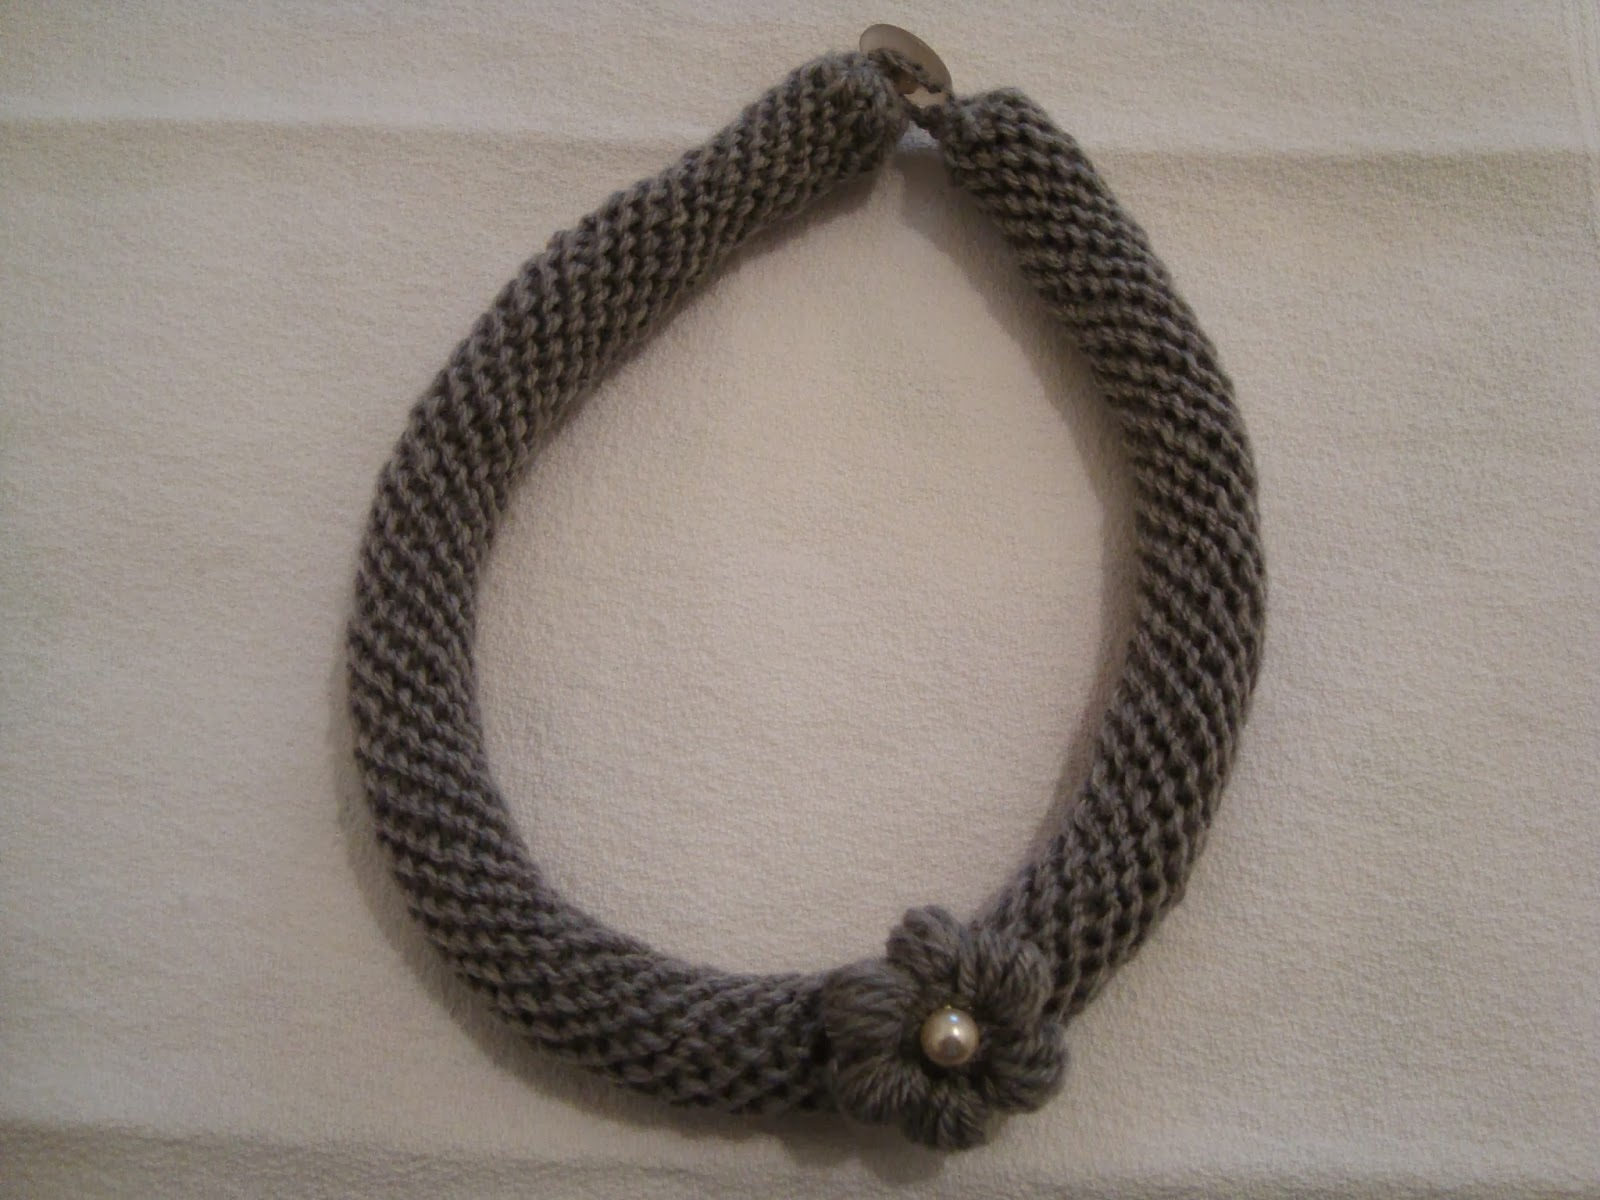 Popolare Le creazioni Di Grazia: Collane tubolari in lana all'uncinetto. KD14